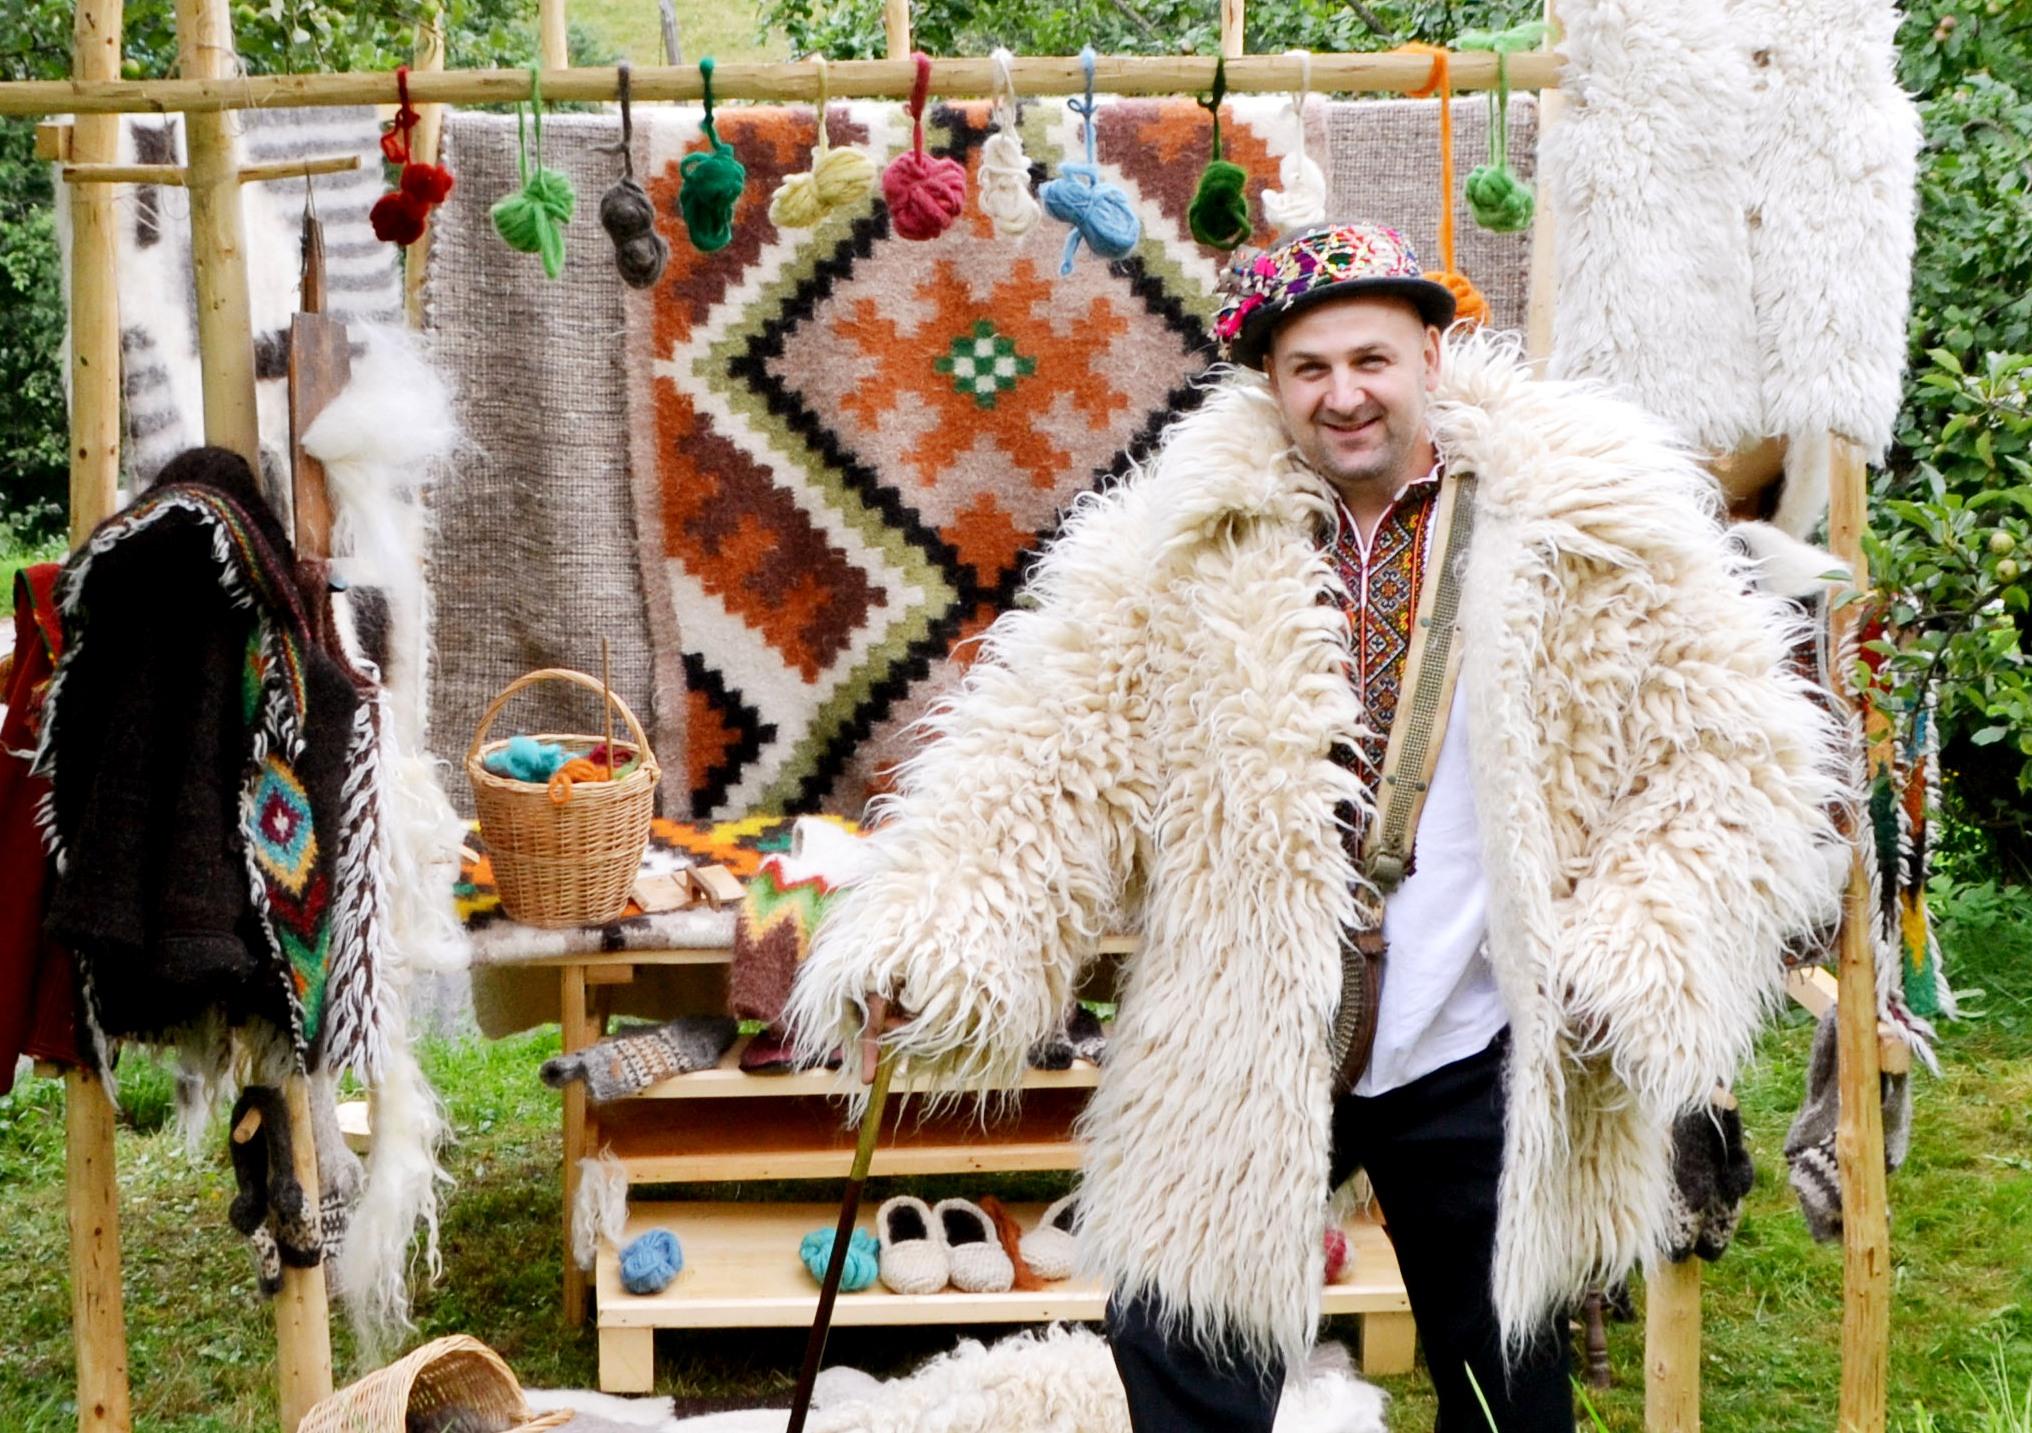 Щорічно, 27 вересня відзначають Всесвітній день туризму, а з 1998 року - і День туризму в Україні.